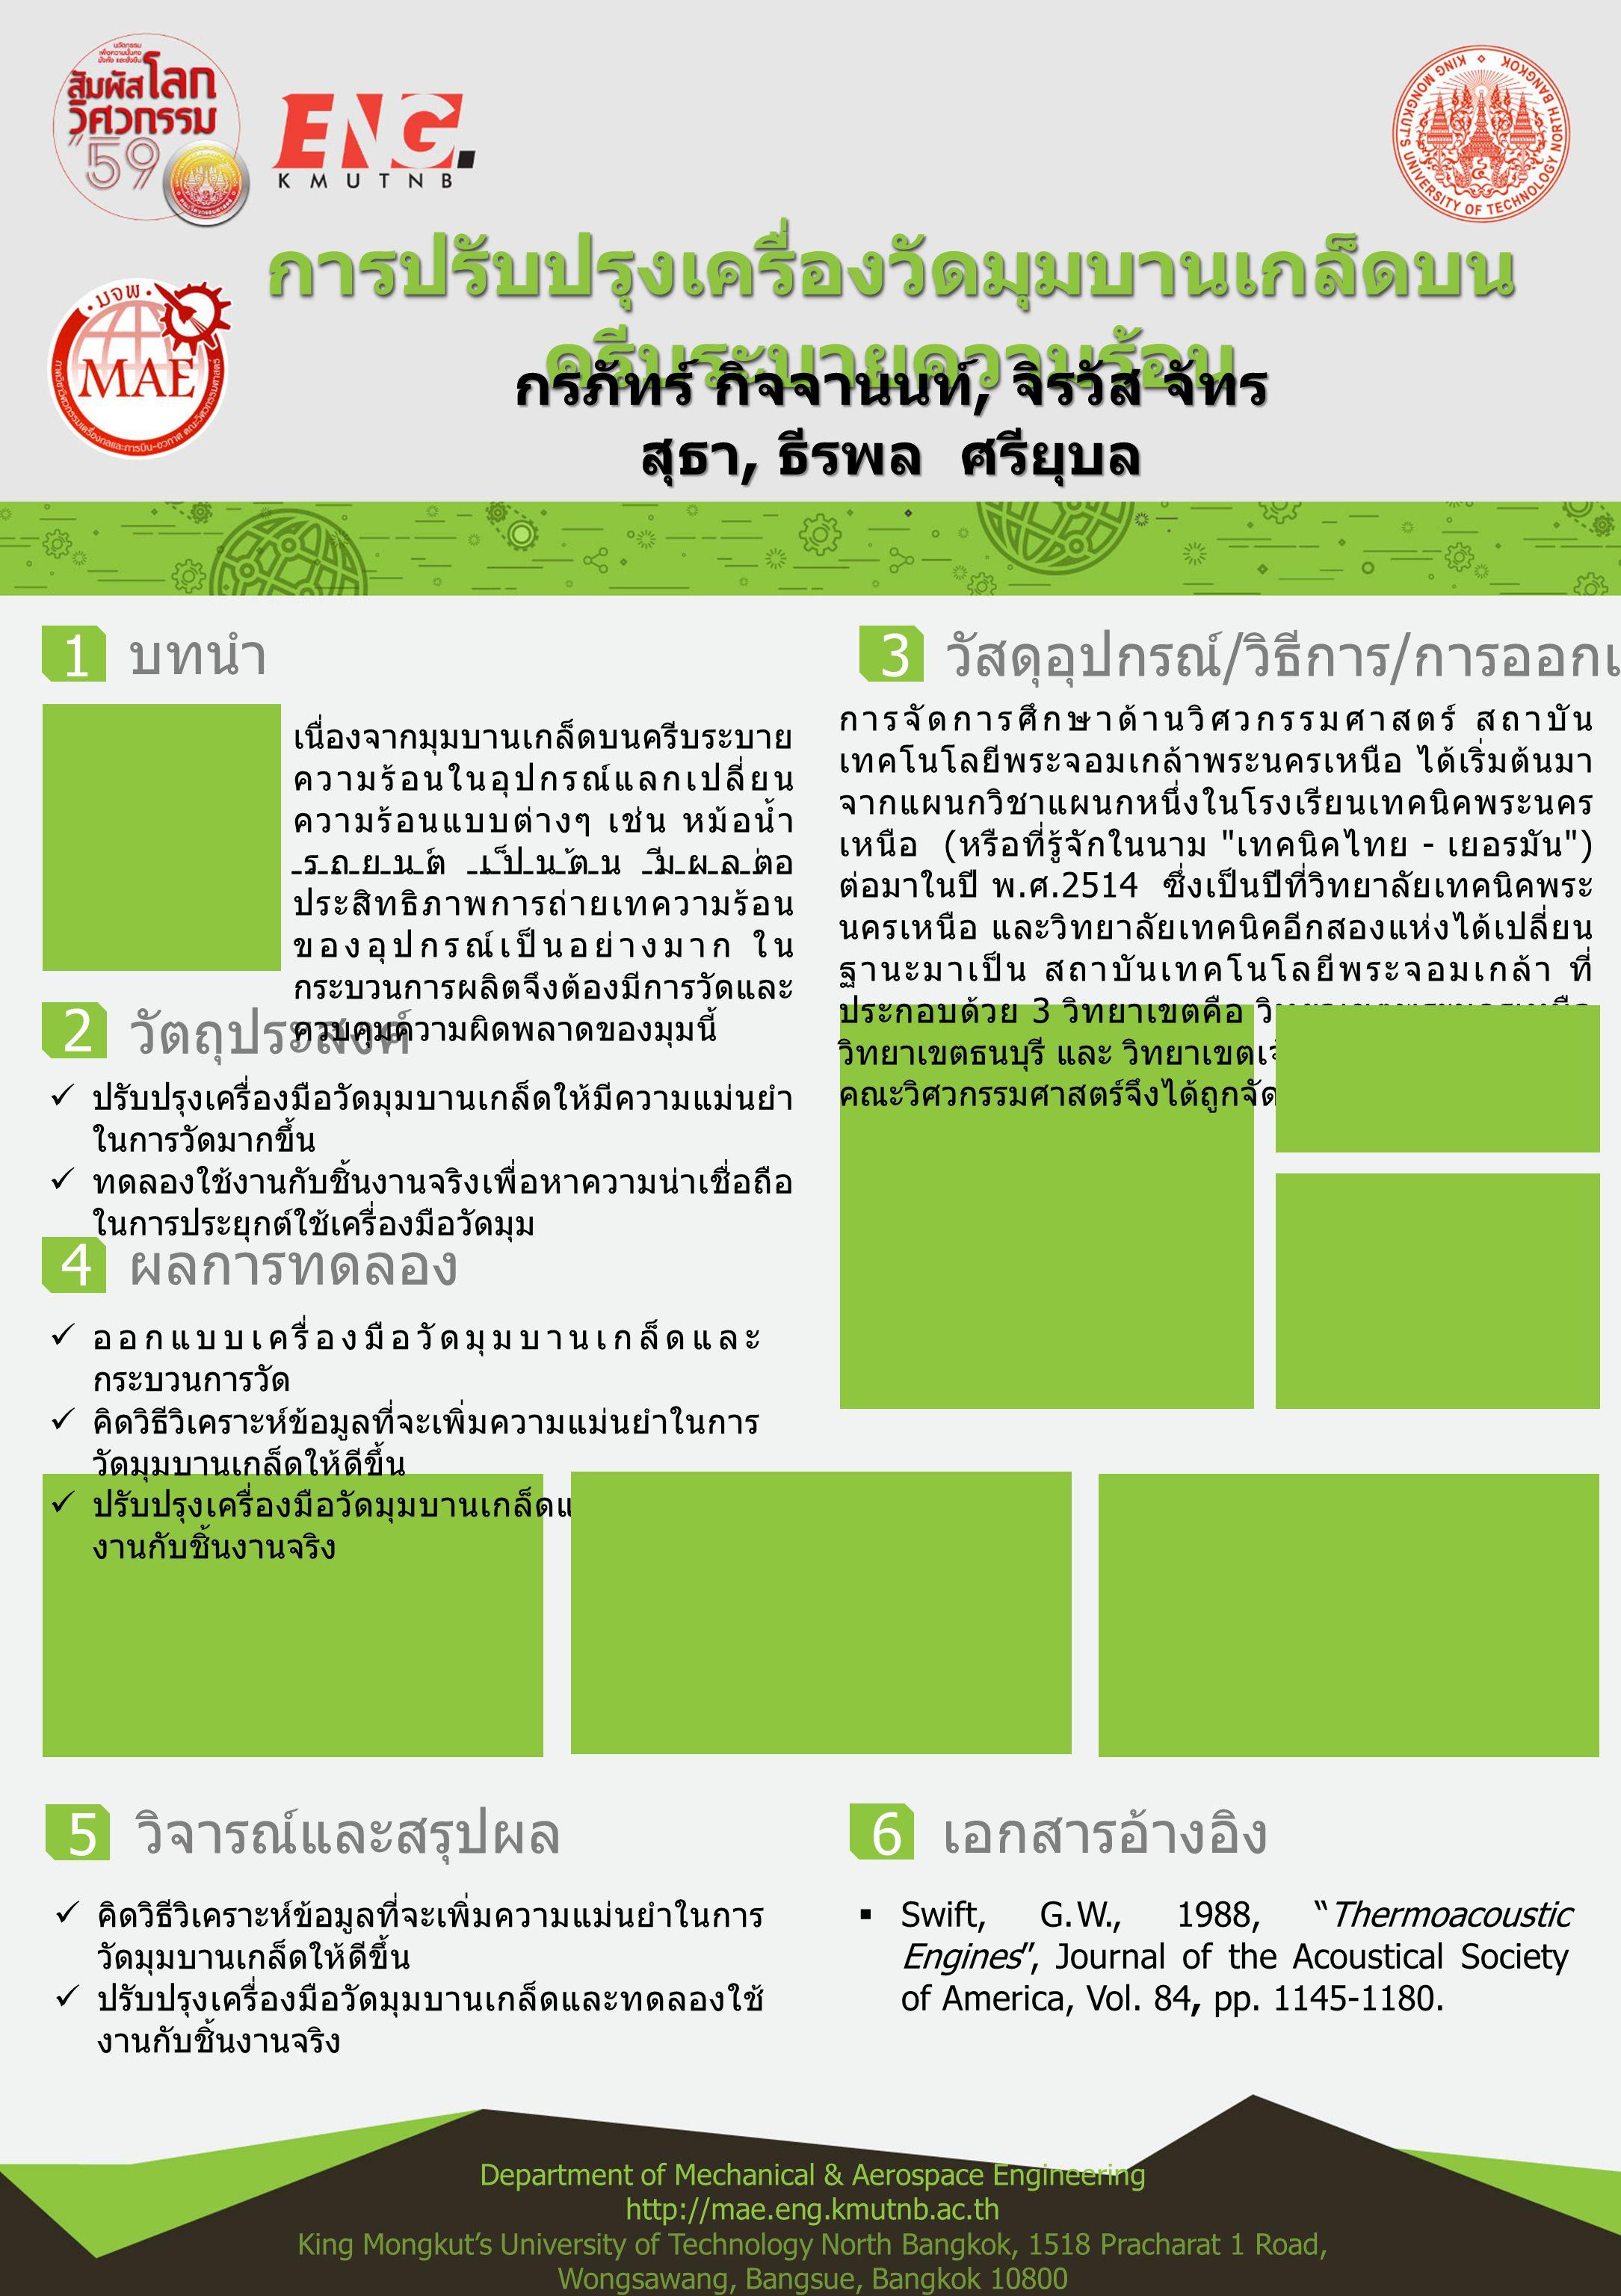 Department of Mechanical & Aerospace Engineering URL : http://mae.eng.kmutnb.ac.th King Mongkut's University of Technology North Bangkok, 1518 Pracharat 1 Road, Wongsawang, Bangsue, Bangkok 10800 Tel.